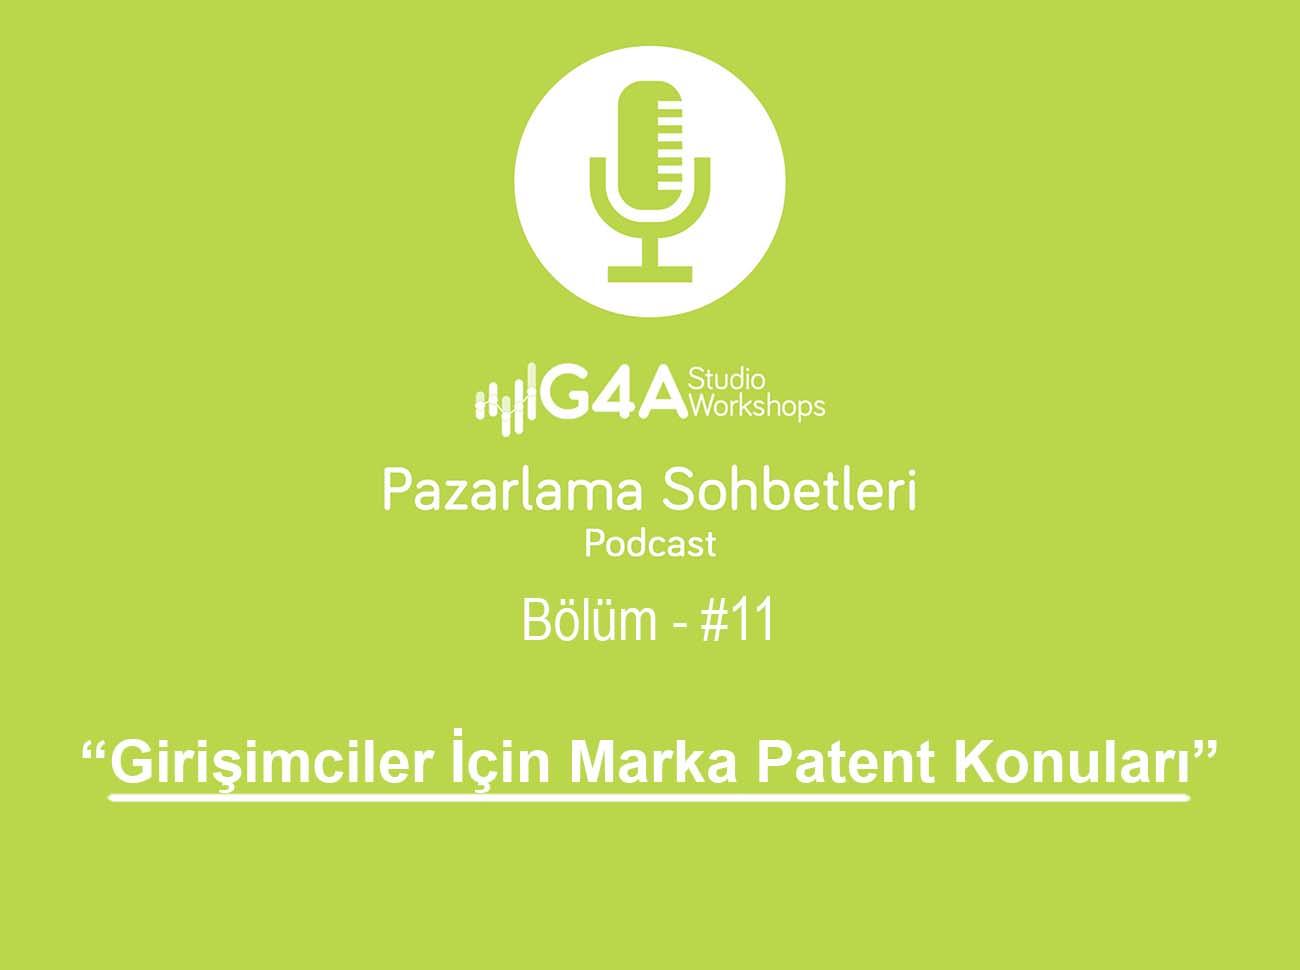 G4A Pazarlama Sohbetleri: Girişimciler İçin Marka Patent Konuları (Bölüm – 11)